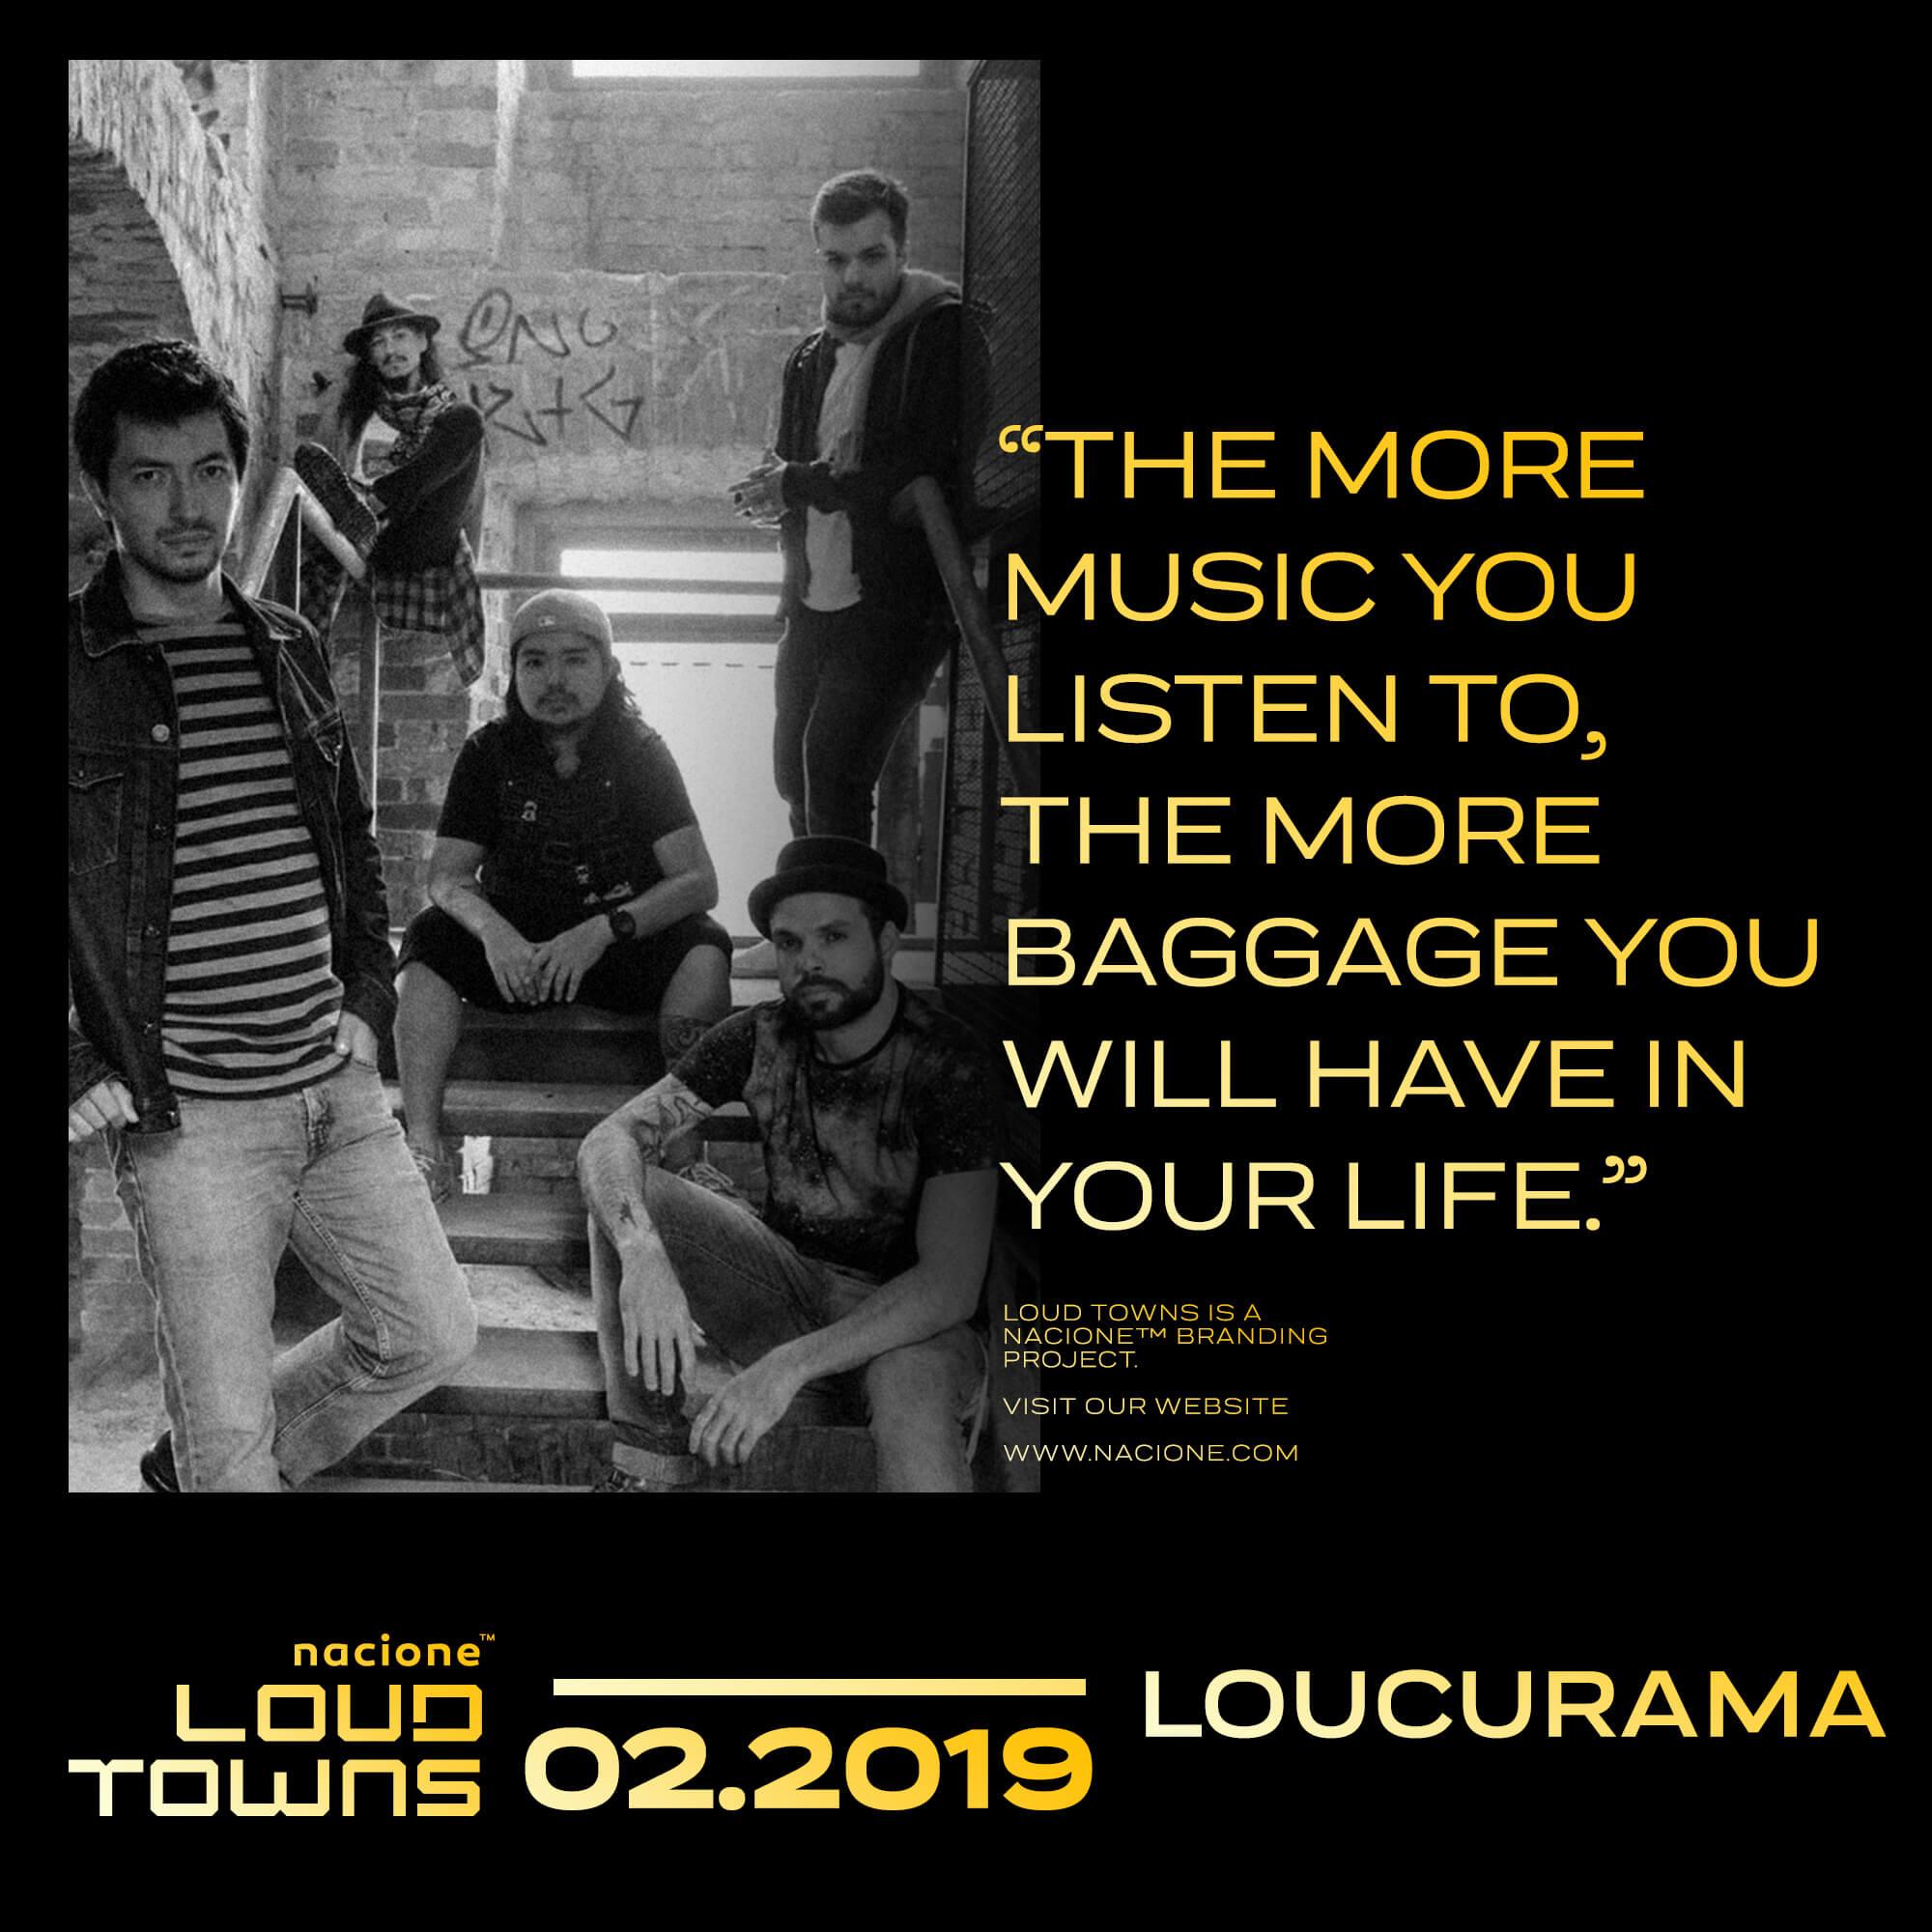 2019 02 Quote